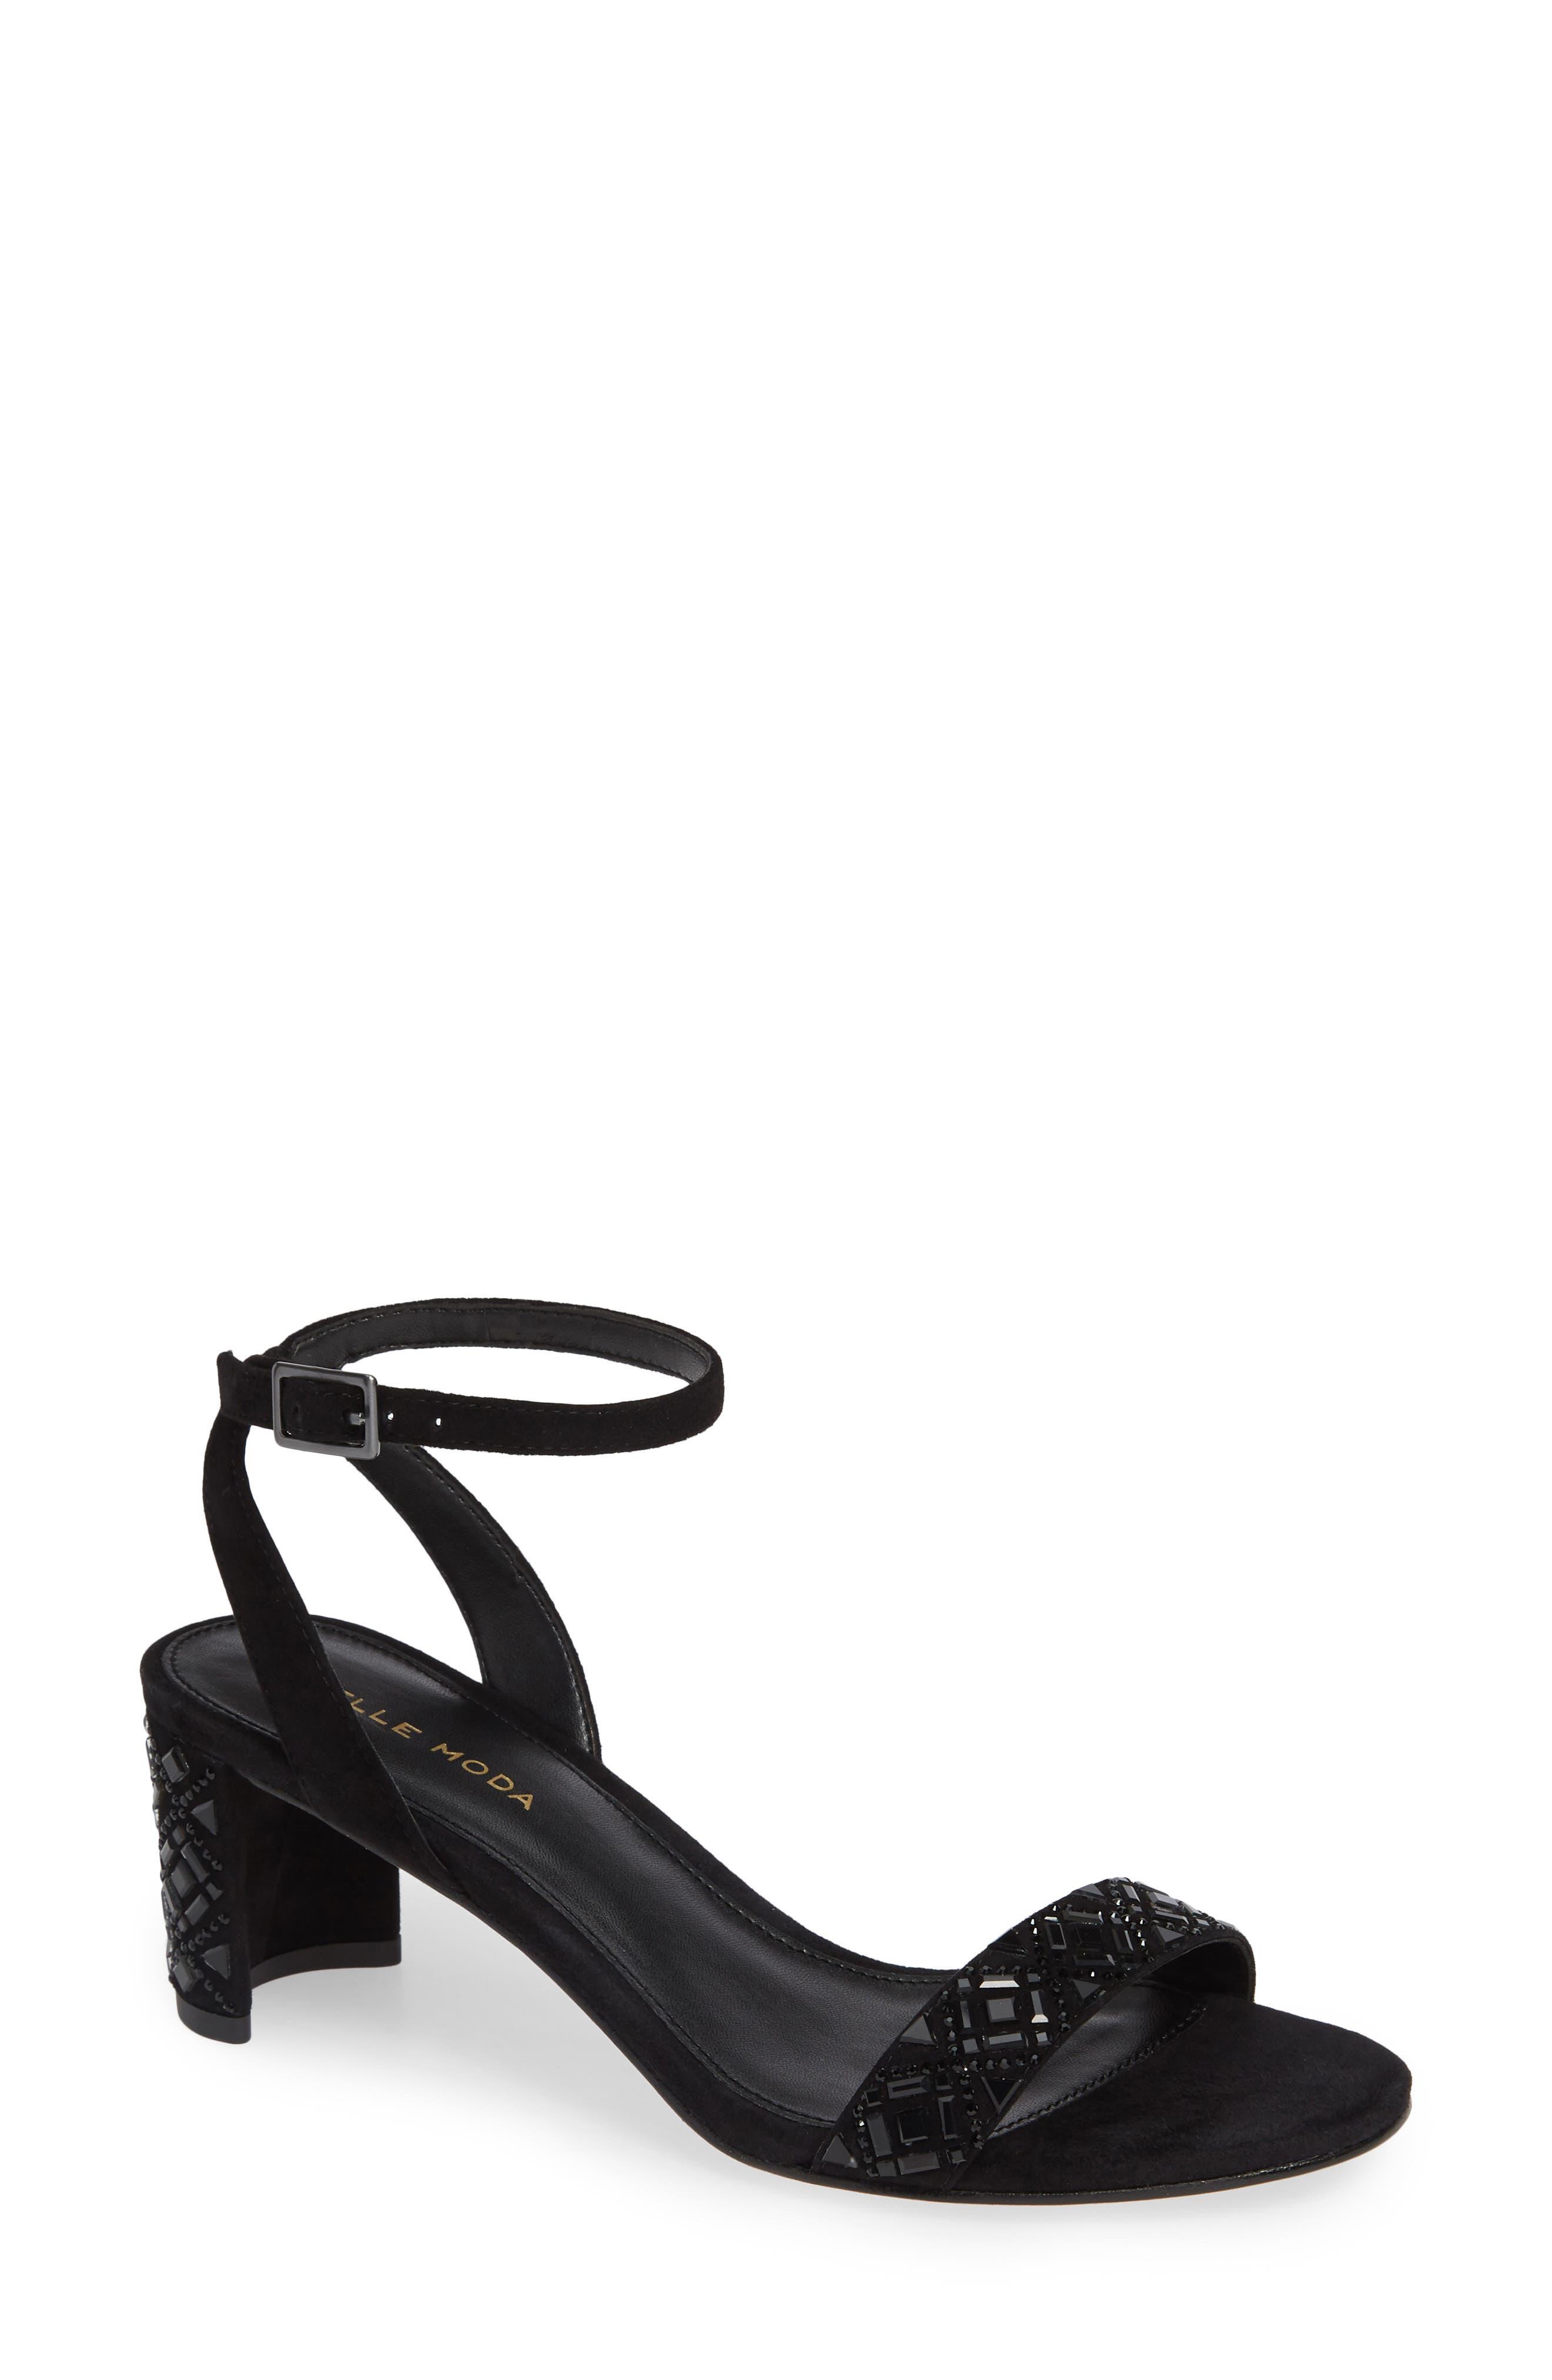 Moira Crystal Embellished Sandal,                         Main,                         color, BLACK SUEDE